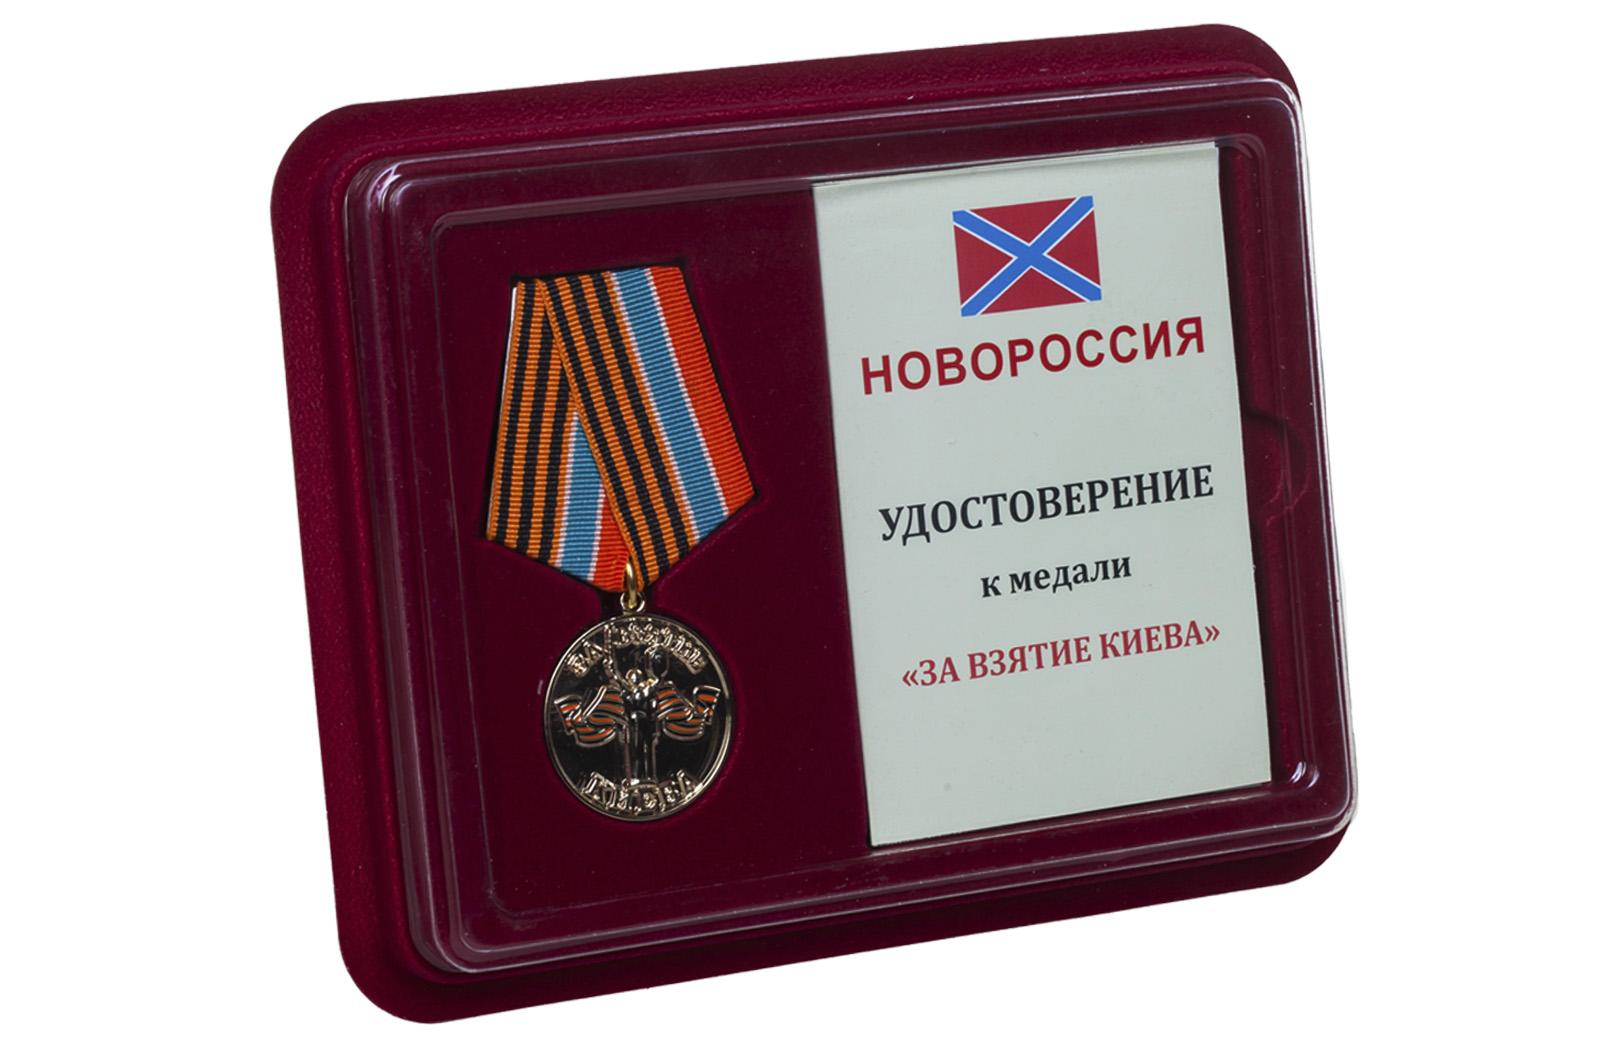 Купить медаль За взятие Киева Новороссия с доставкой или самовывозом